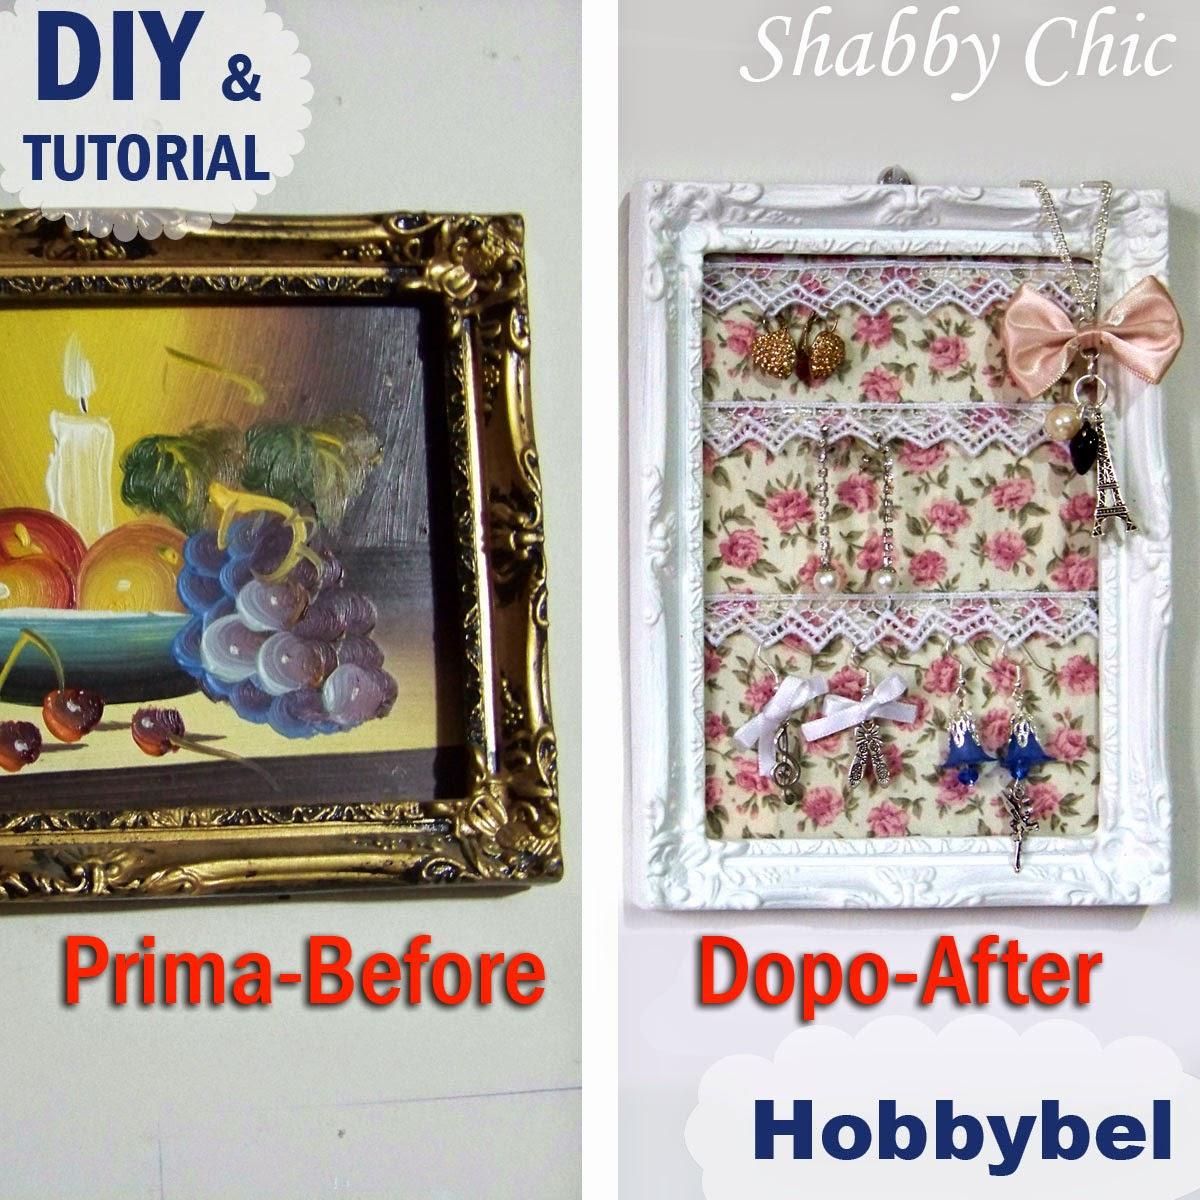 Porta orecchini espositore bijoux shabby chic tutorial diy jewels organizer riciclo - Porta gioielli fai da te ...